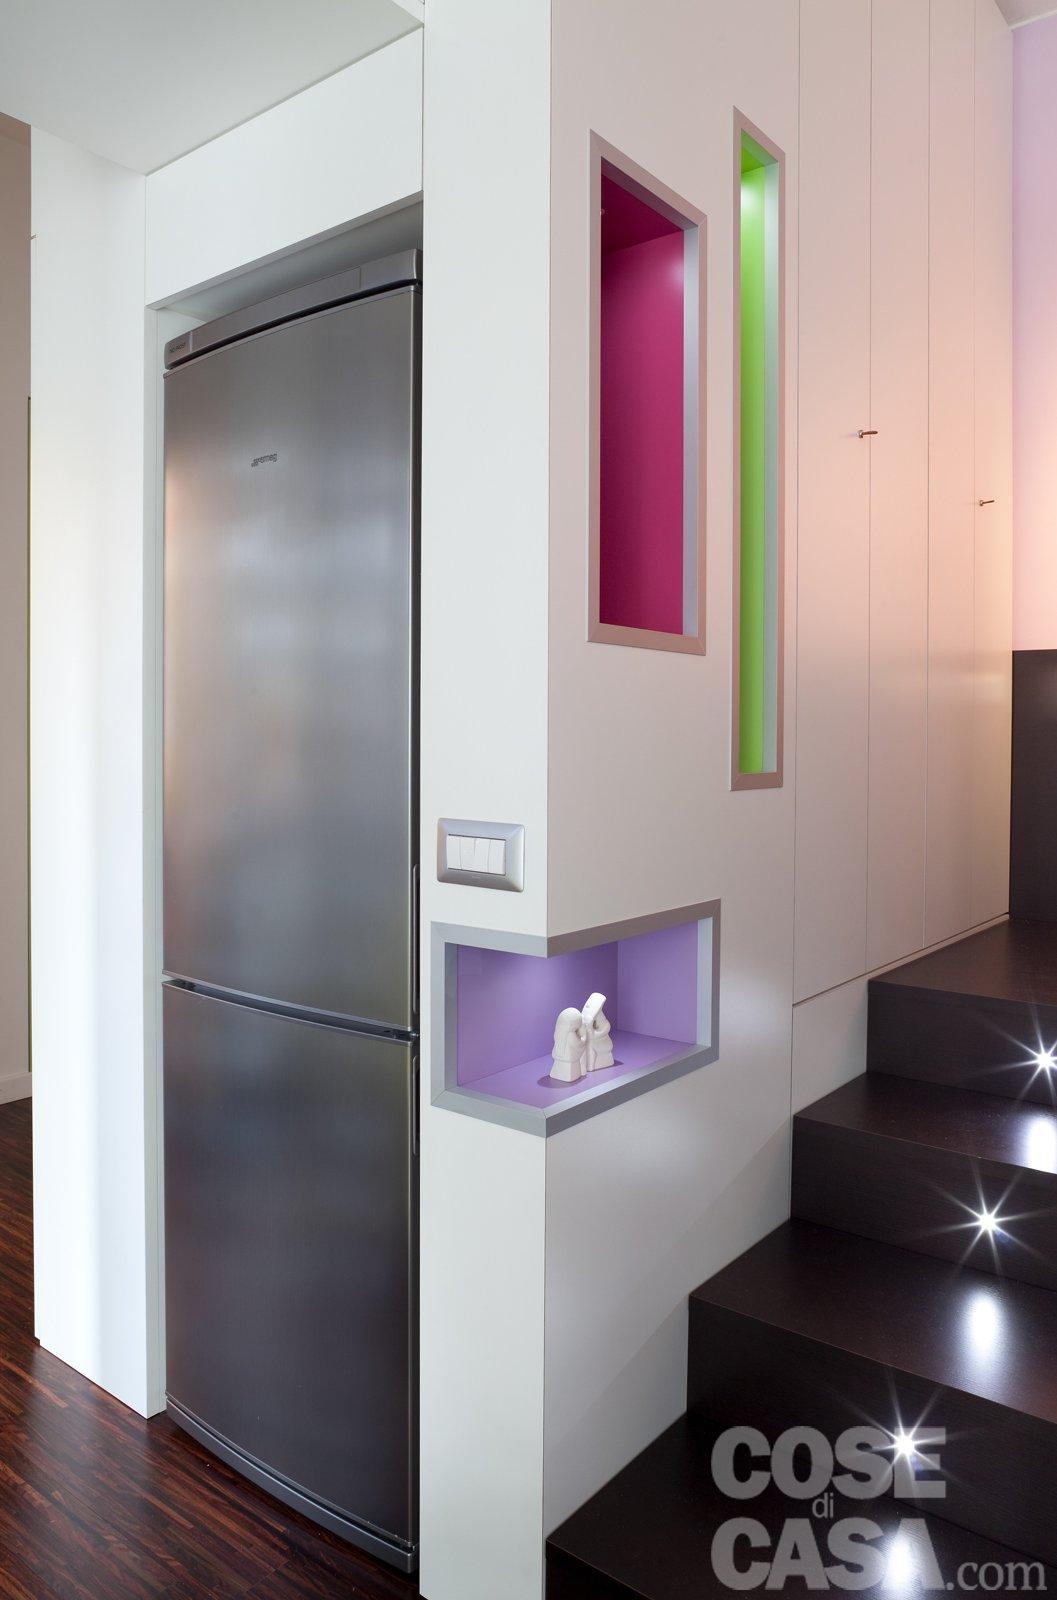 Una casa di 40 mq: monolocale con cucina separata   cose di casa